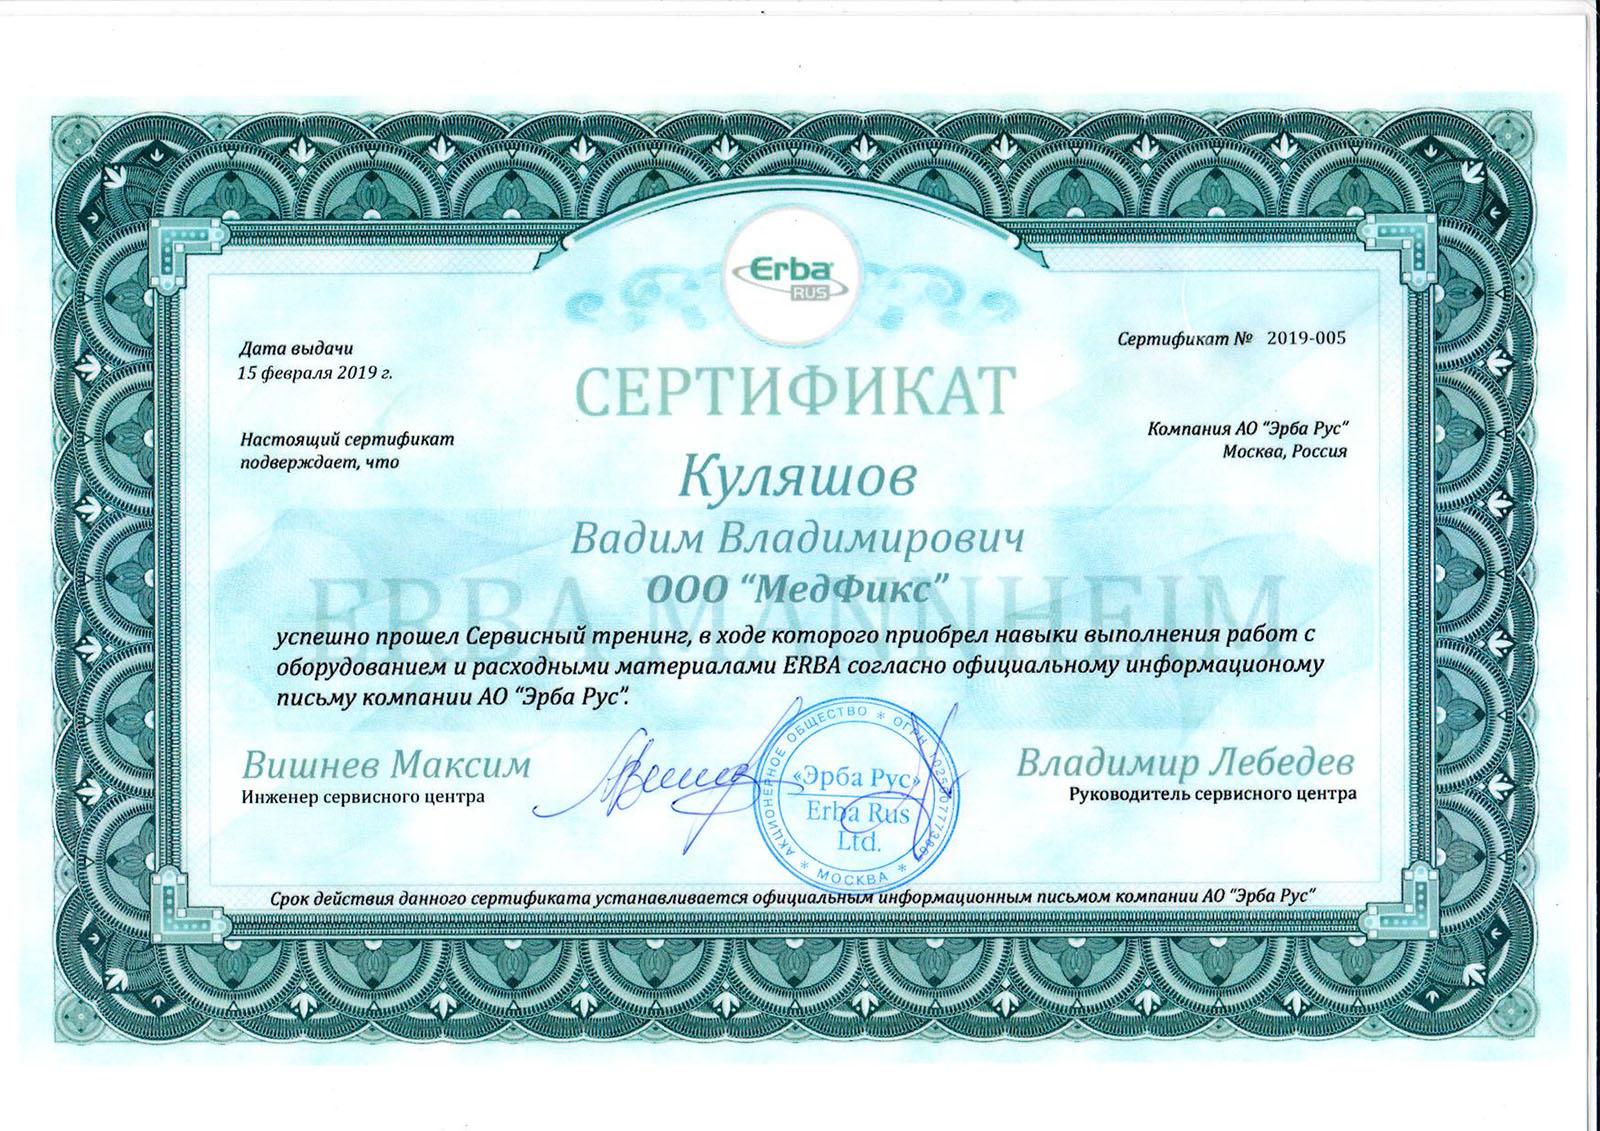 laboratornoe-oborudovanie - Erba-Kulyashov-15.02.2019